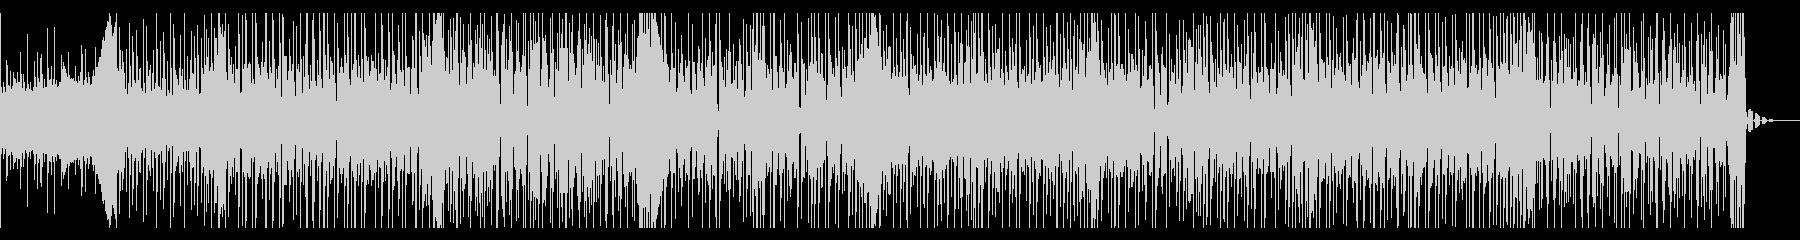 優しいカワイイ系のBGMの未再生の波形